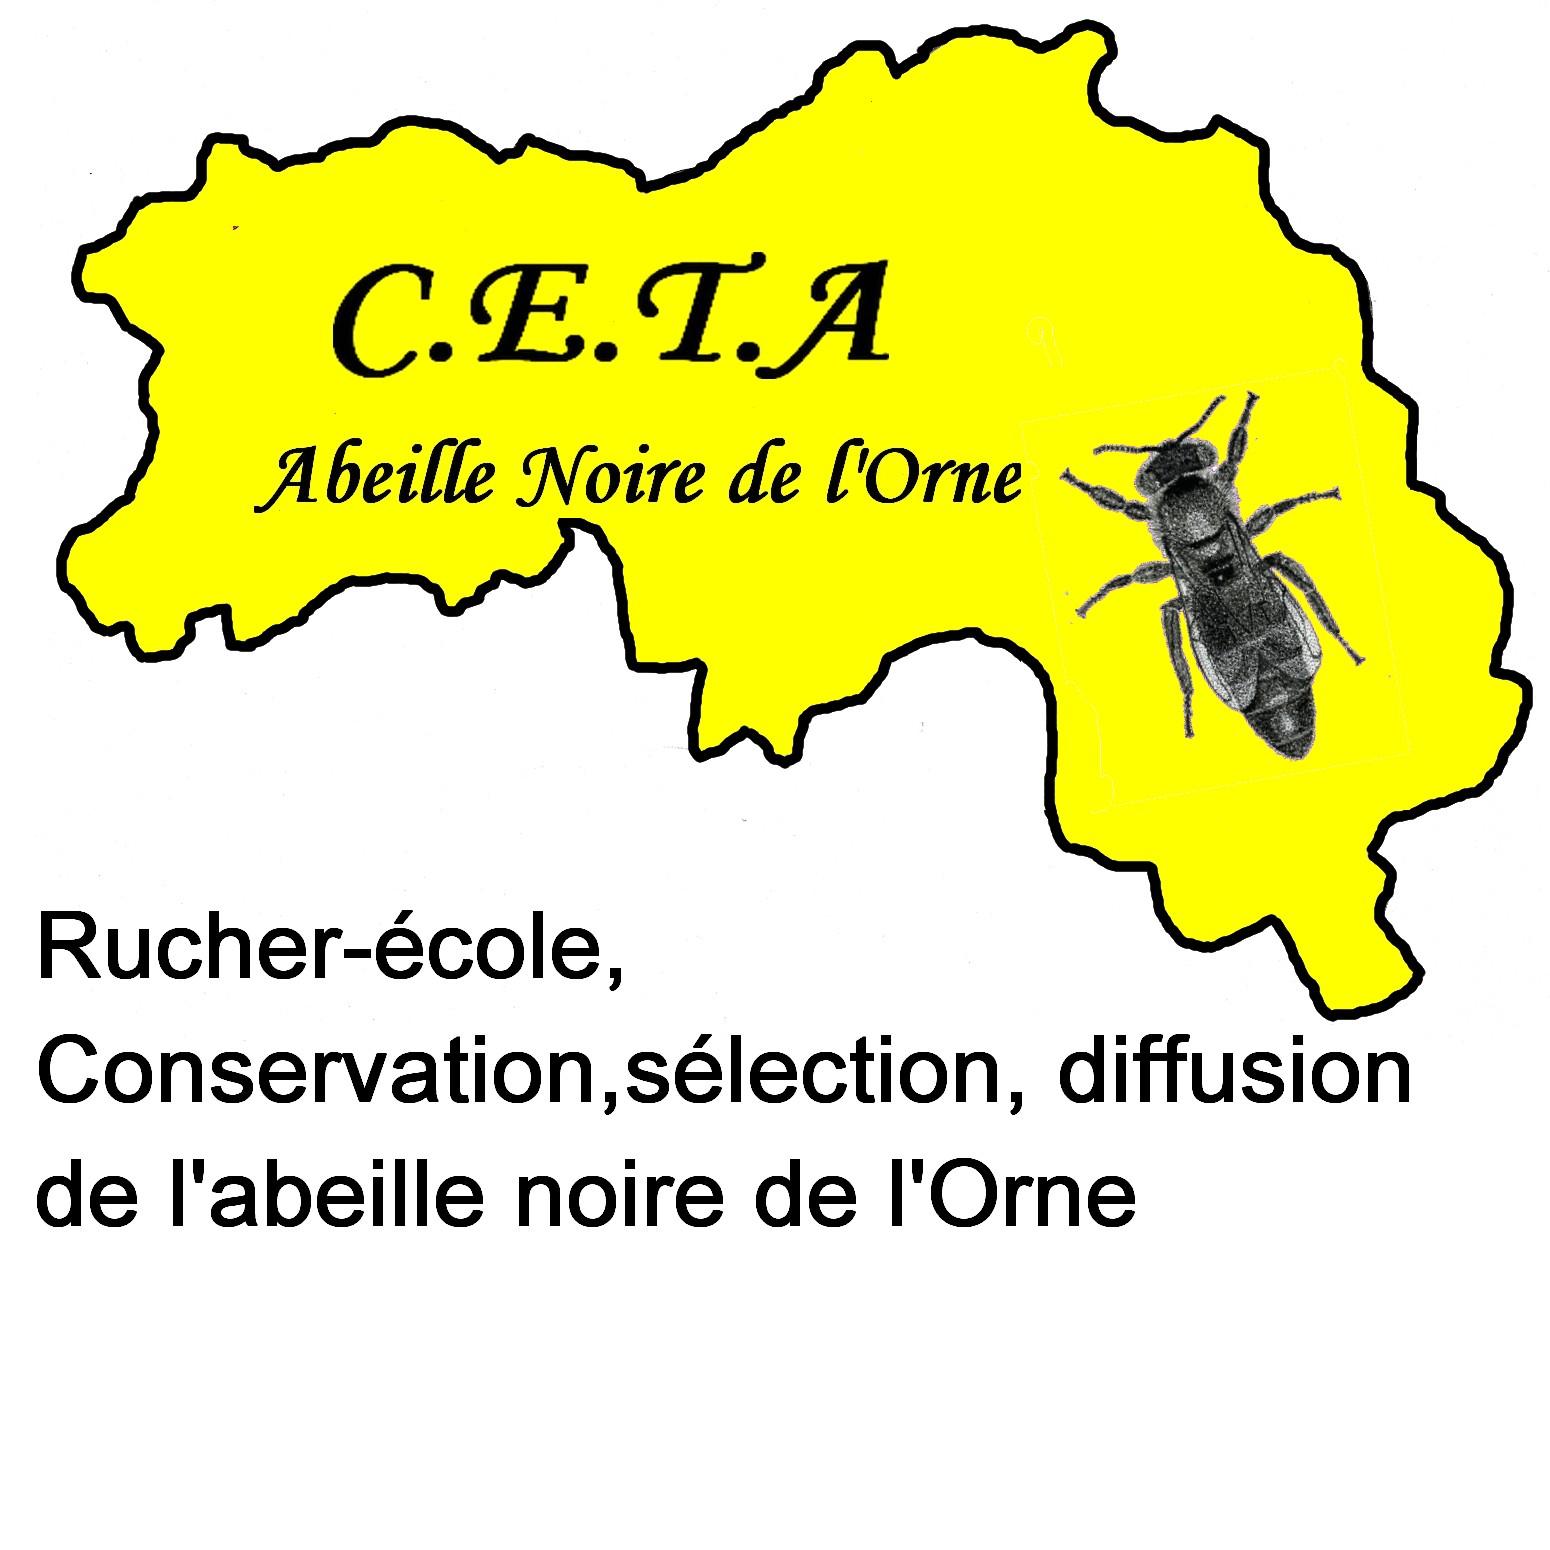 logo Conservatoire de l'abeille noire de l'Orne